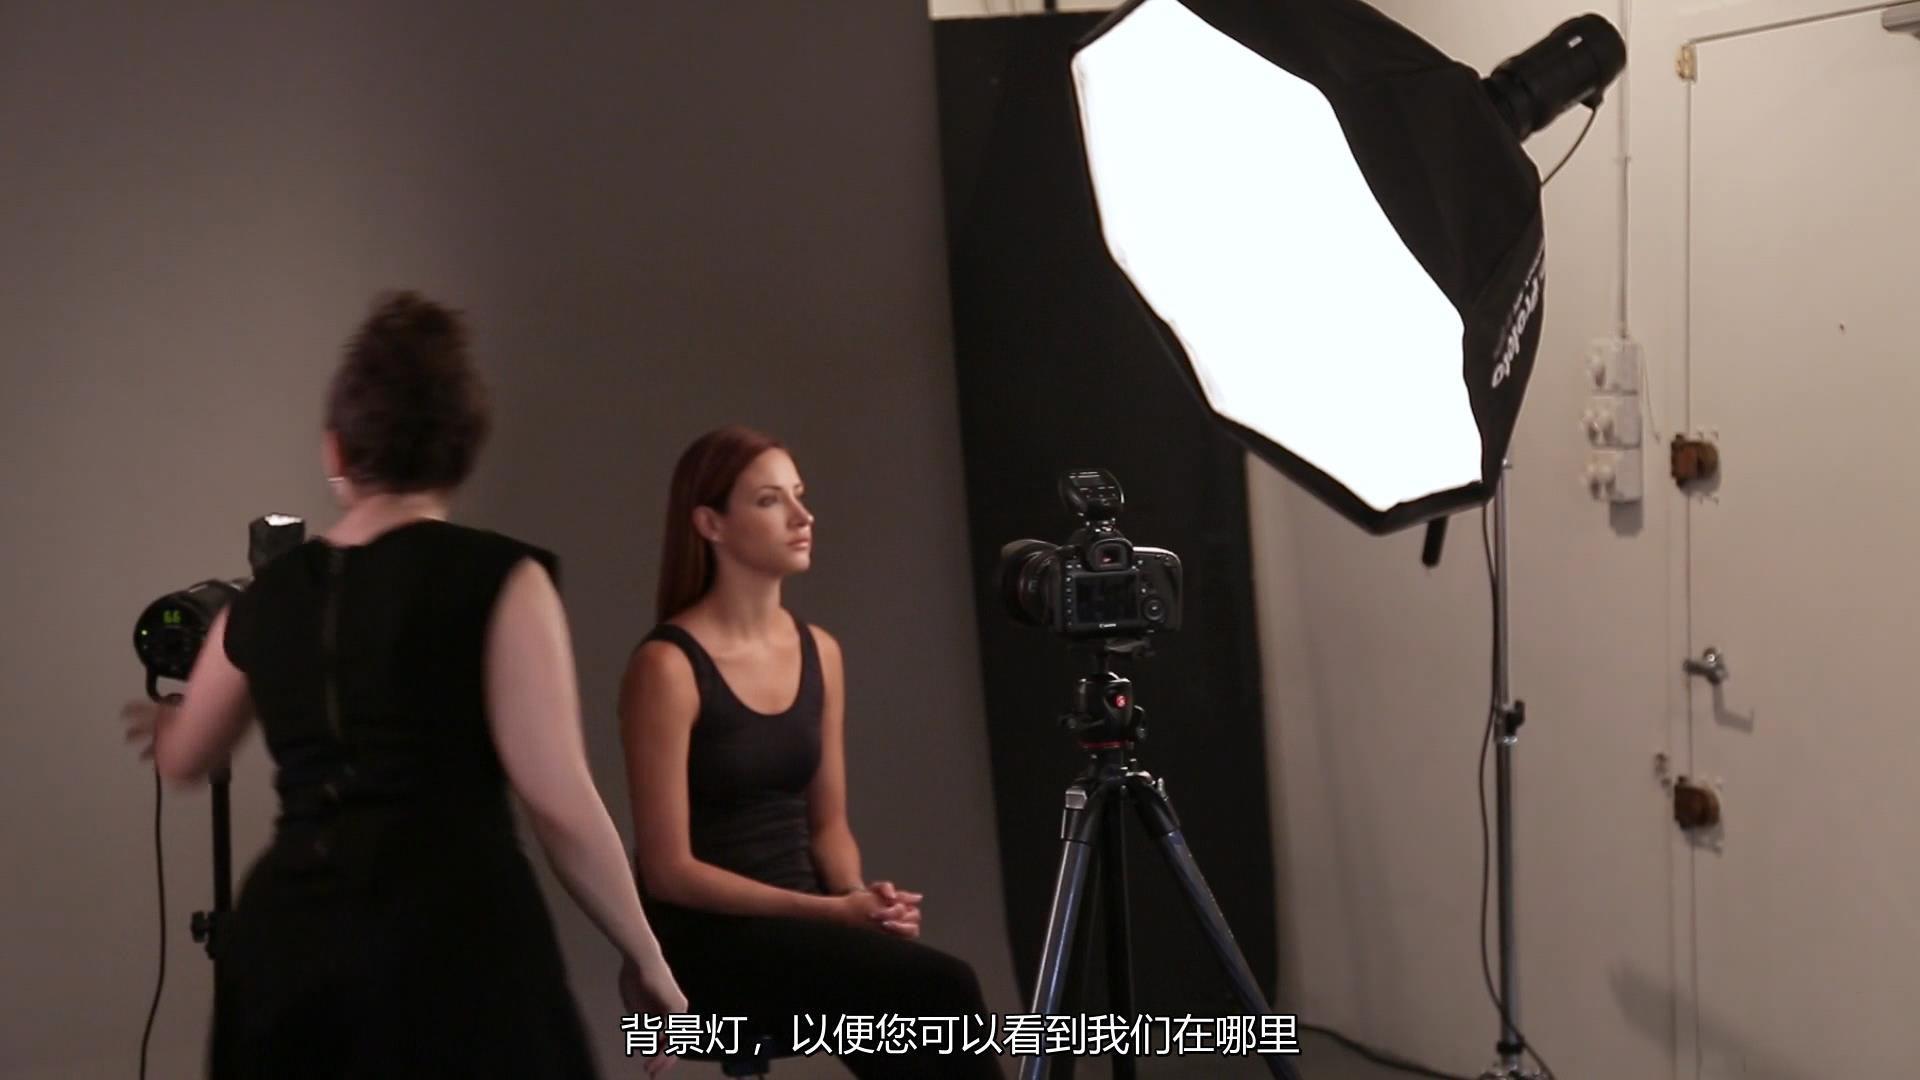 摄影教程_Lindsay Adler为期10周的工作室棚拍布光大师班教程-中文字幕 摄影教程 _预览图12